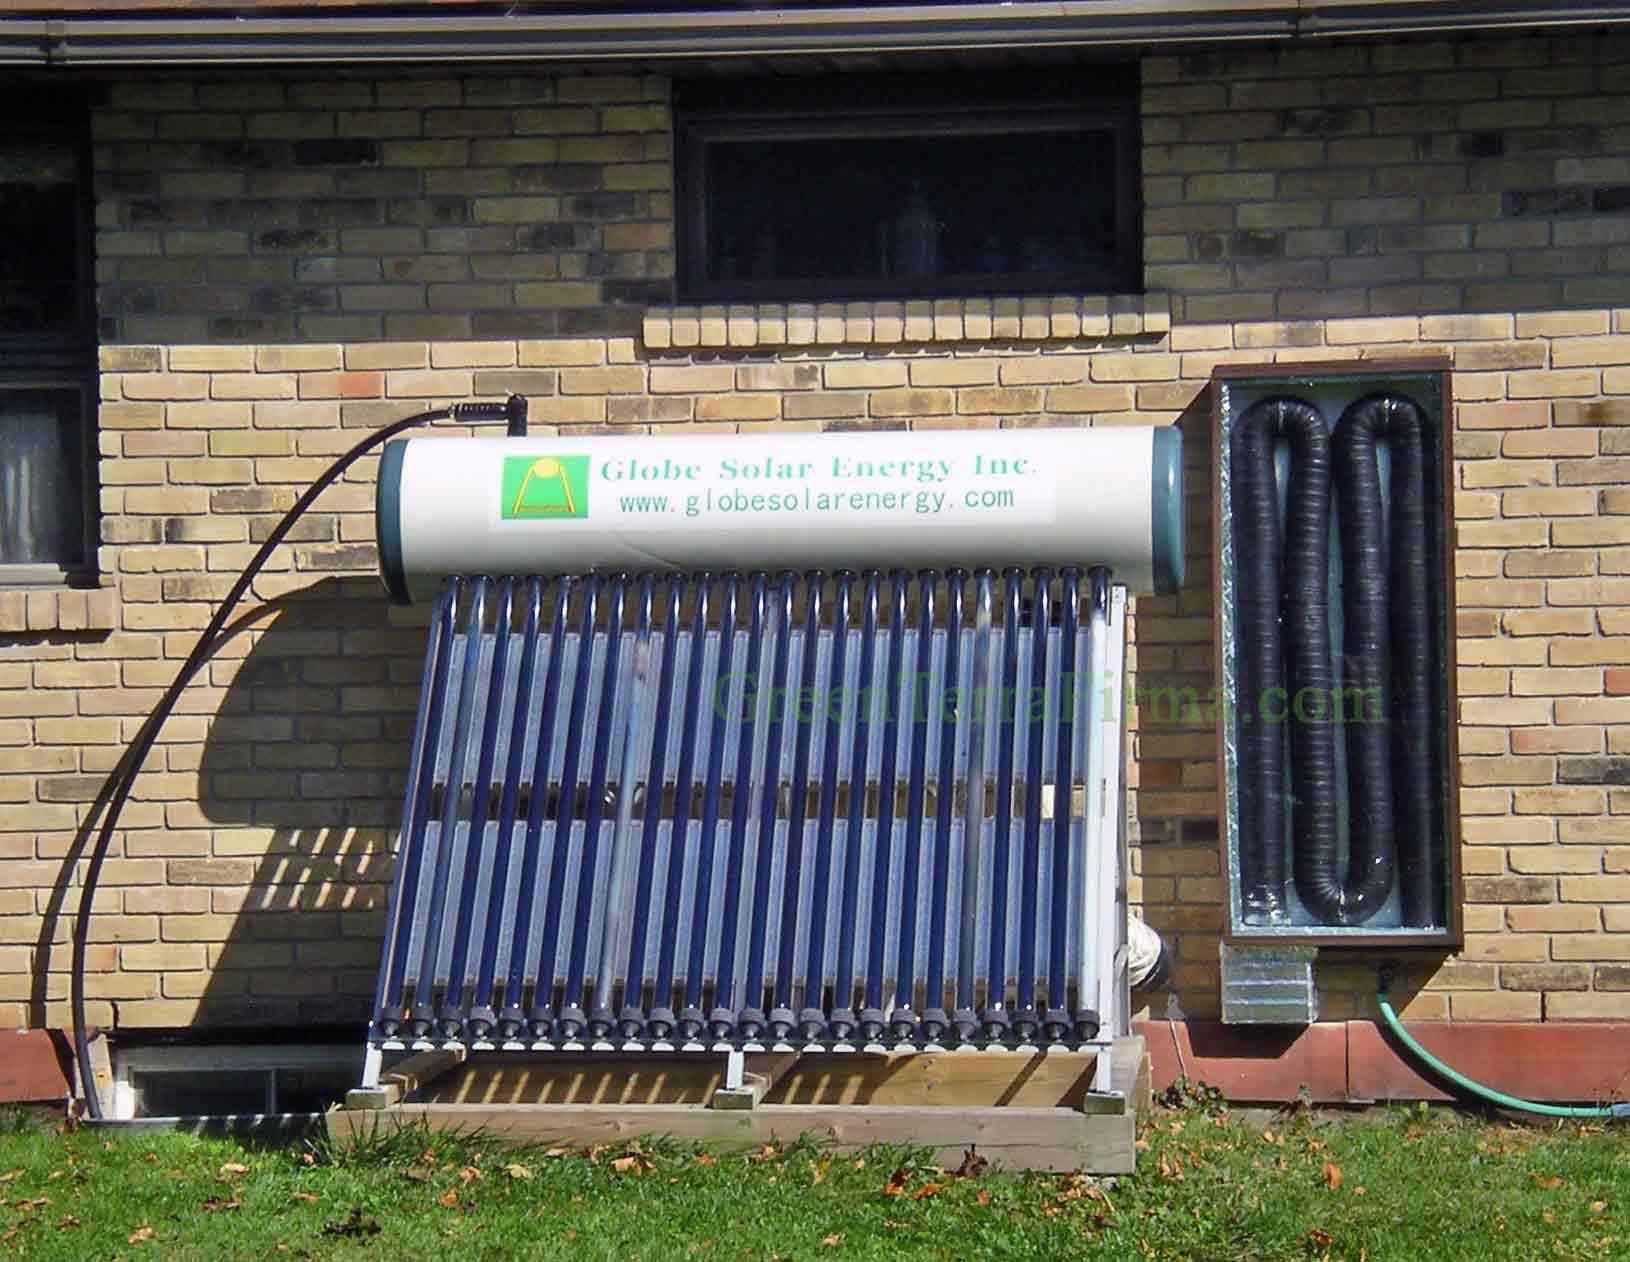 diy solar heater Solar heater diy, Solar energy diy, Diy